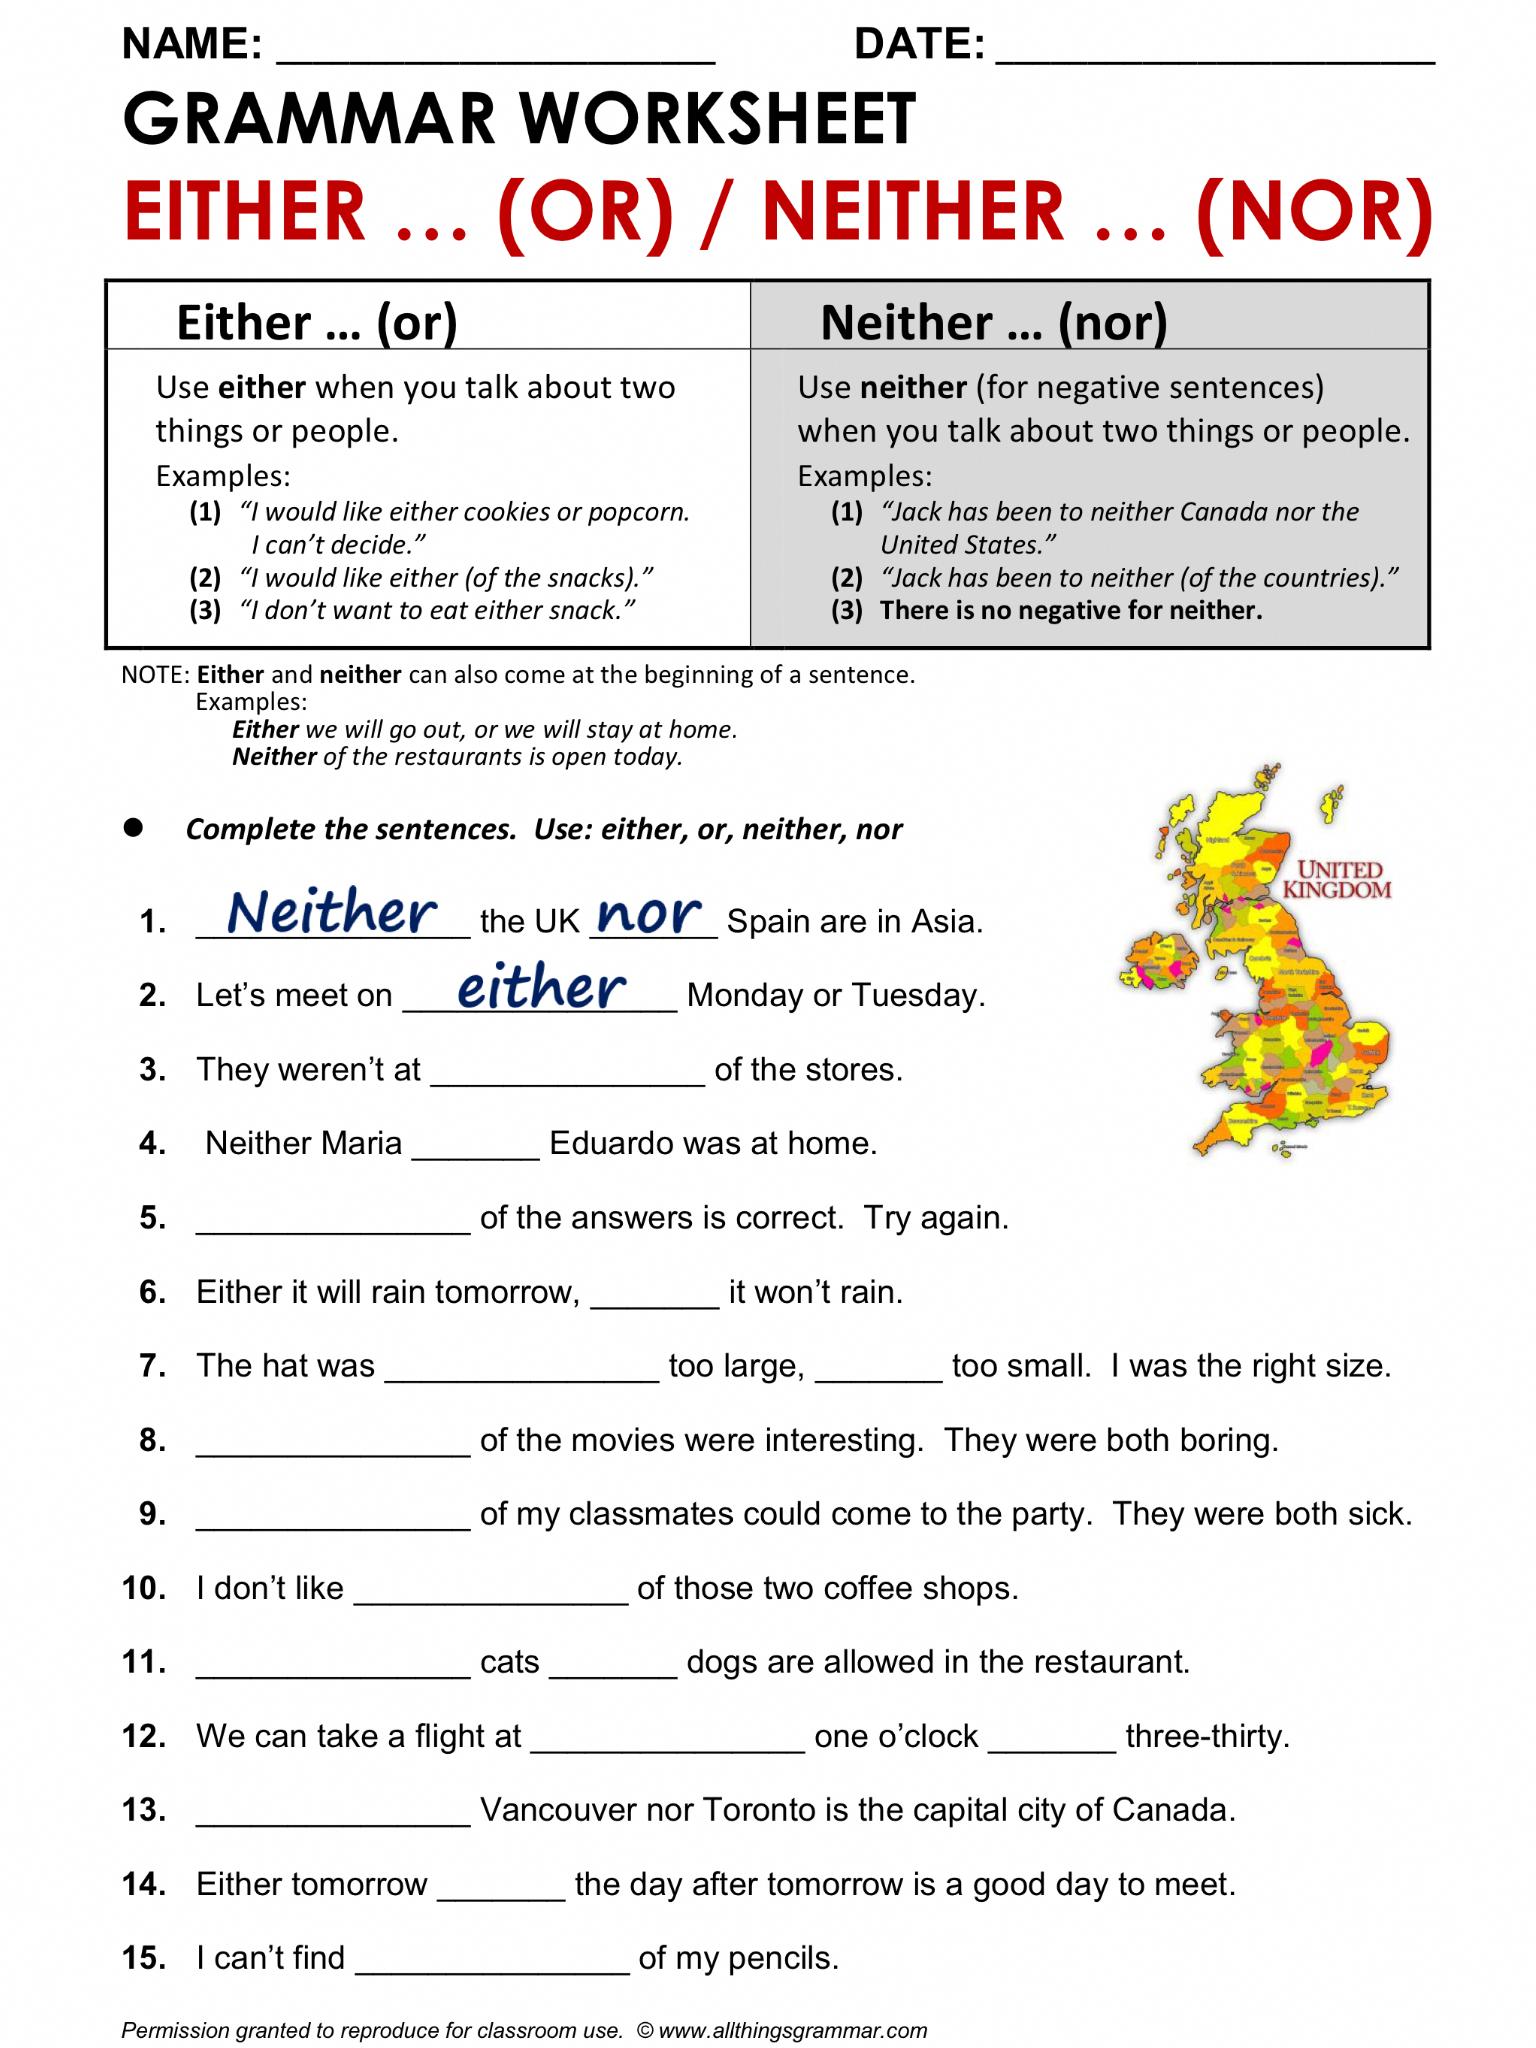 Coursanglaisprimaire English Grammar Worksheets English Grammar Grammar Worksheets [ 2048 x 1536 Pixel ]